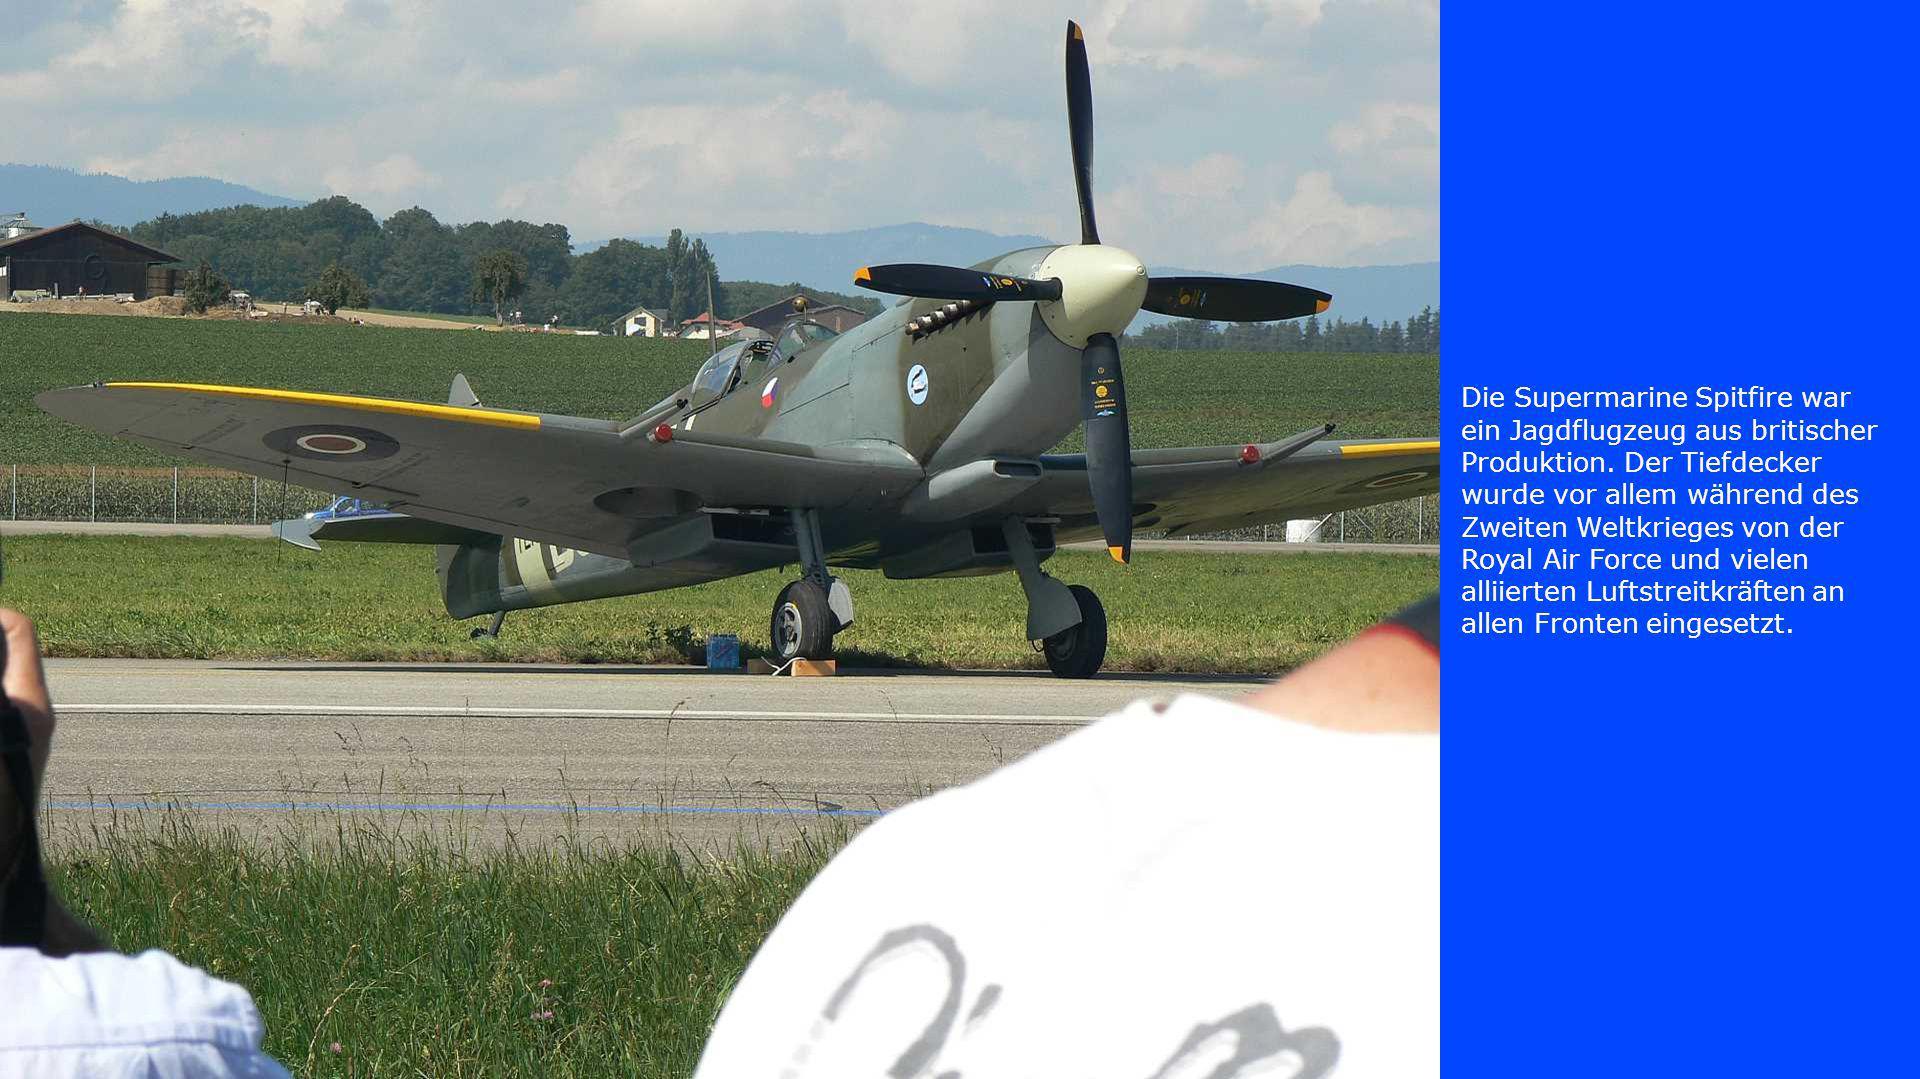 Die Supermarine Spitfire war ein Jagdflugzeug aus britischer Produktion. Der Tiefdecker wurde vor allem während des Zweiten Weltkrieges von der Royal